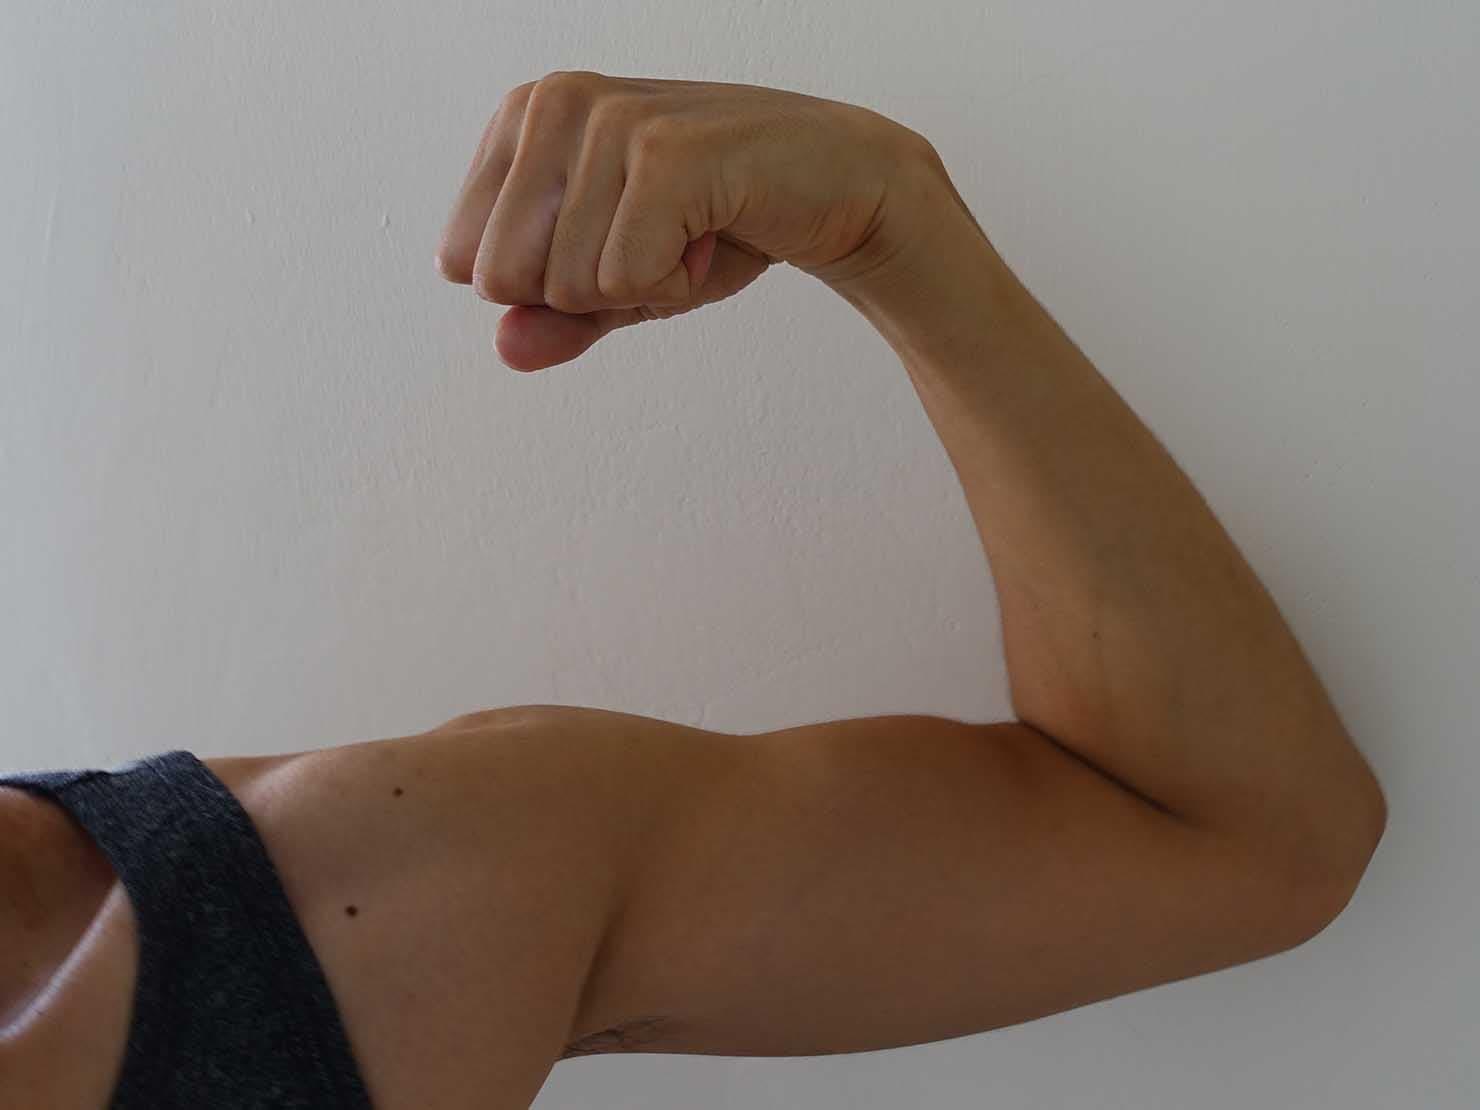 パーソナルトレーニング後の腕